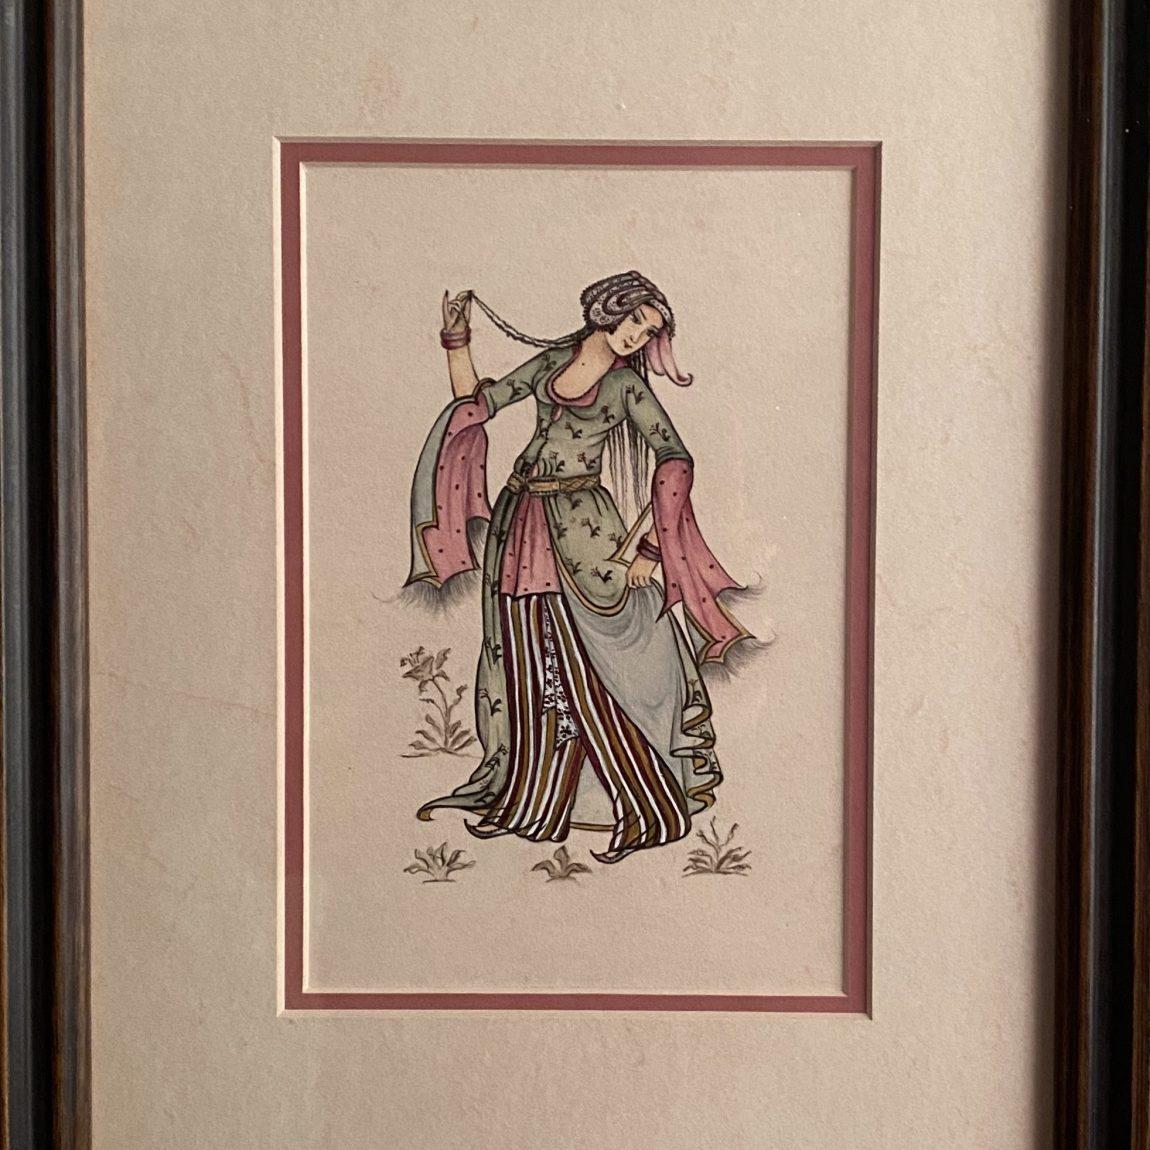 Sanatçı : Linda Kumdagezer   - Eser Adı: Levni- Teknik: Minyatür - Ölçü: 30 x 25 cm - Fiyat : 1.416 TL